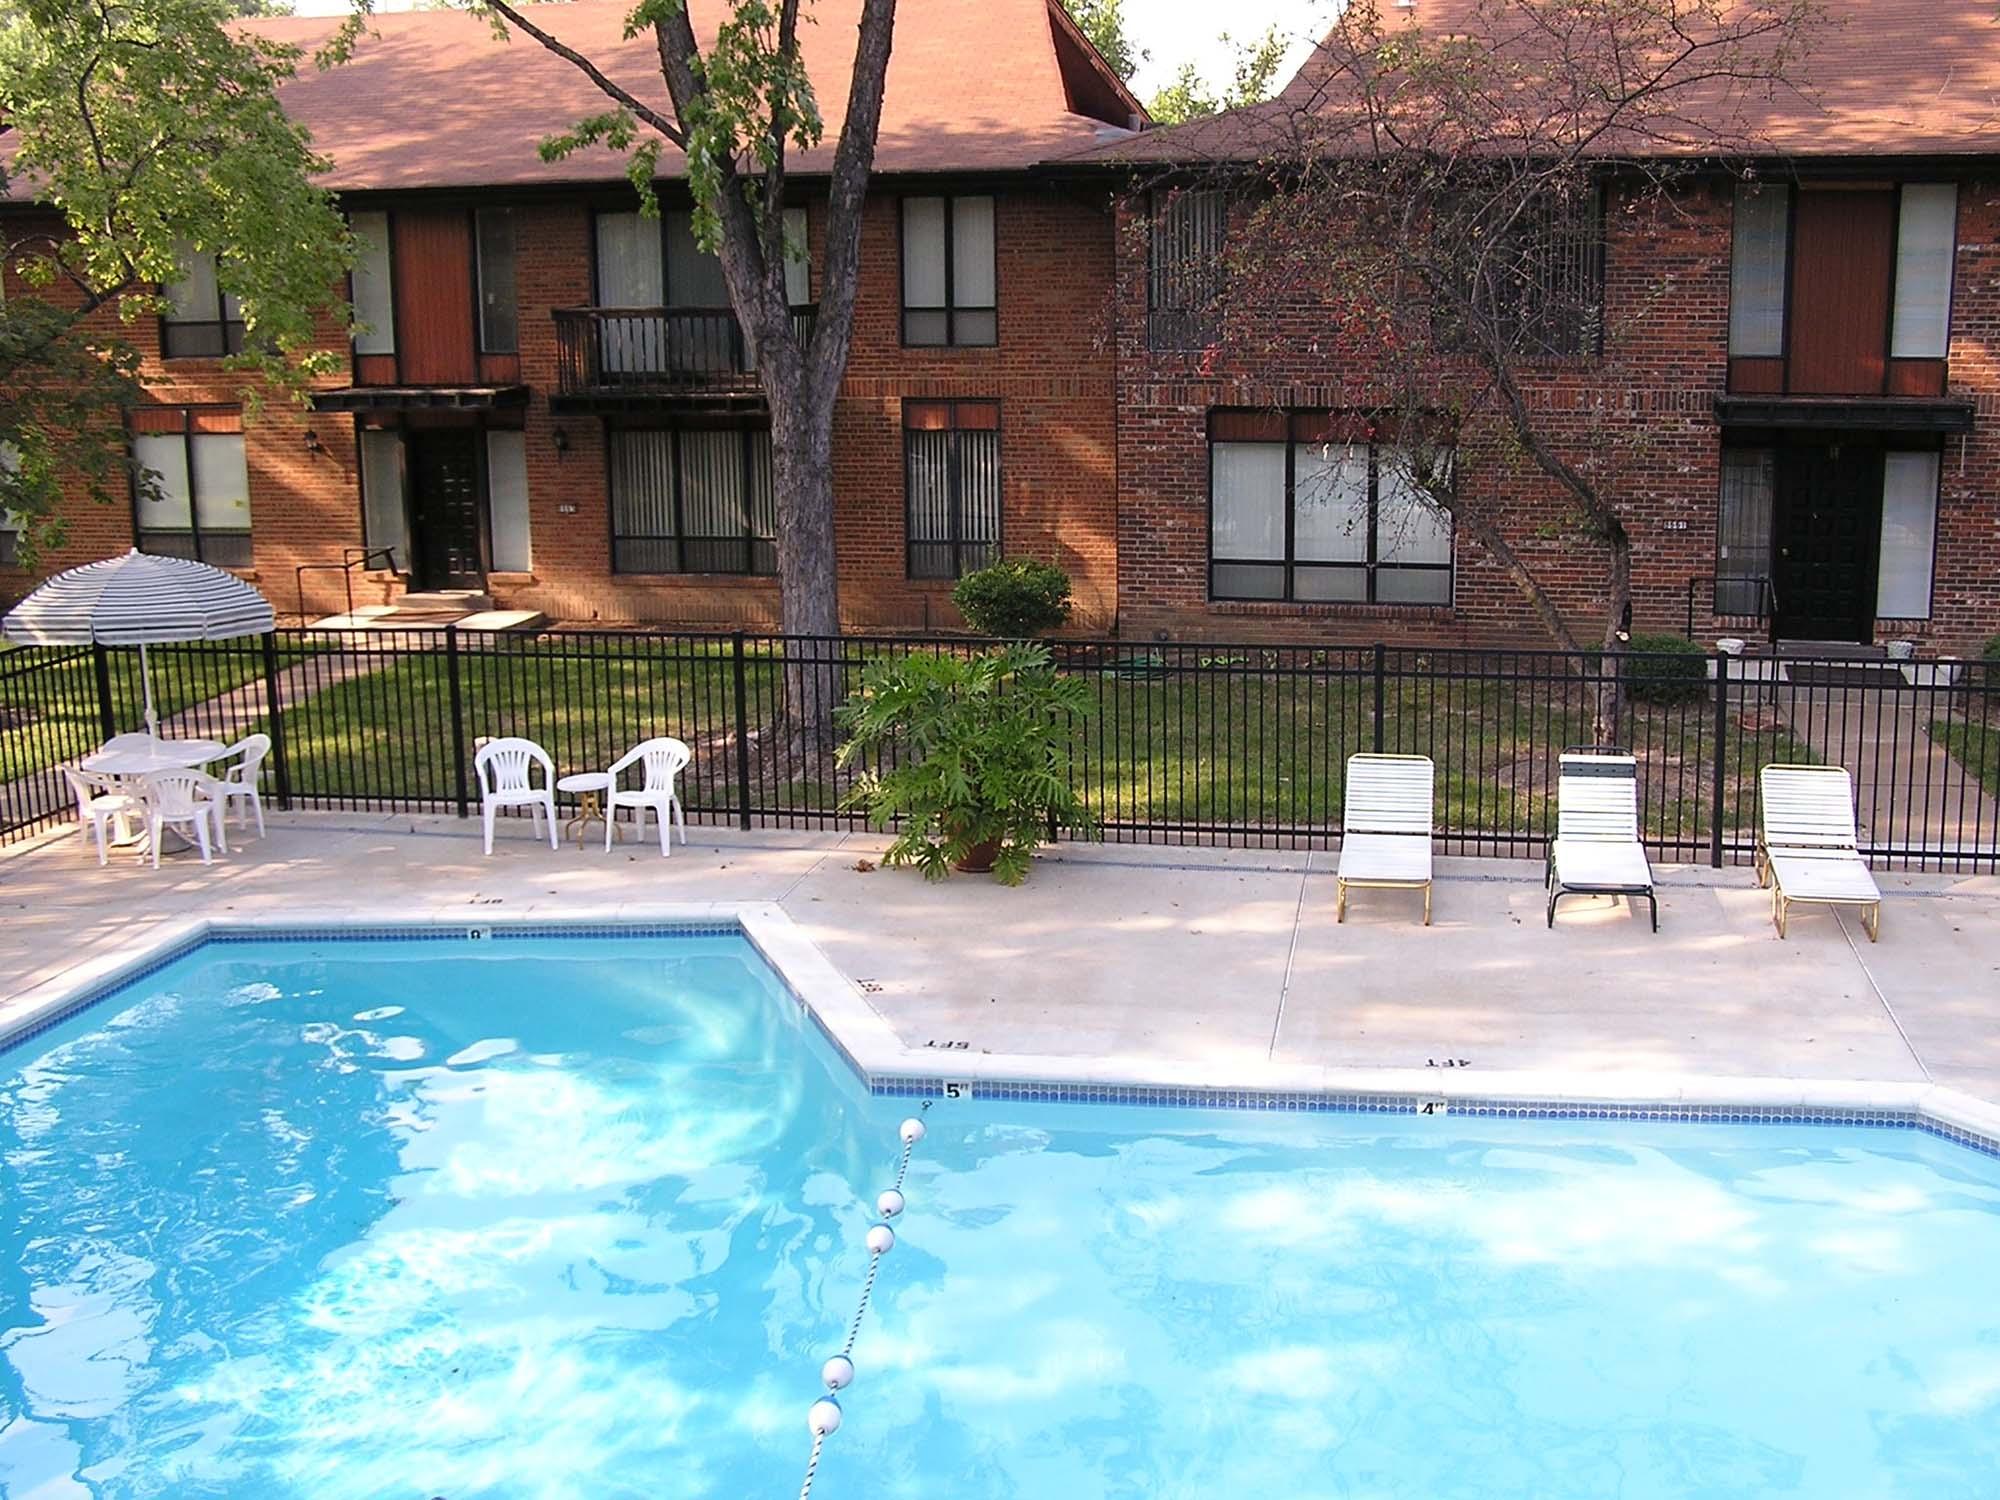 Oaks-on-Bonhomme-Ext. pool